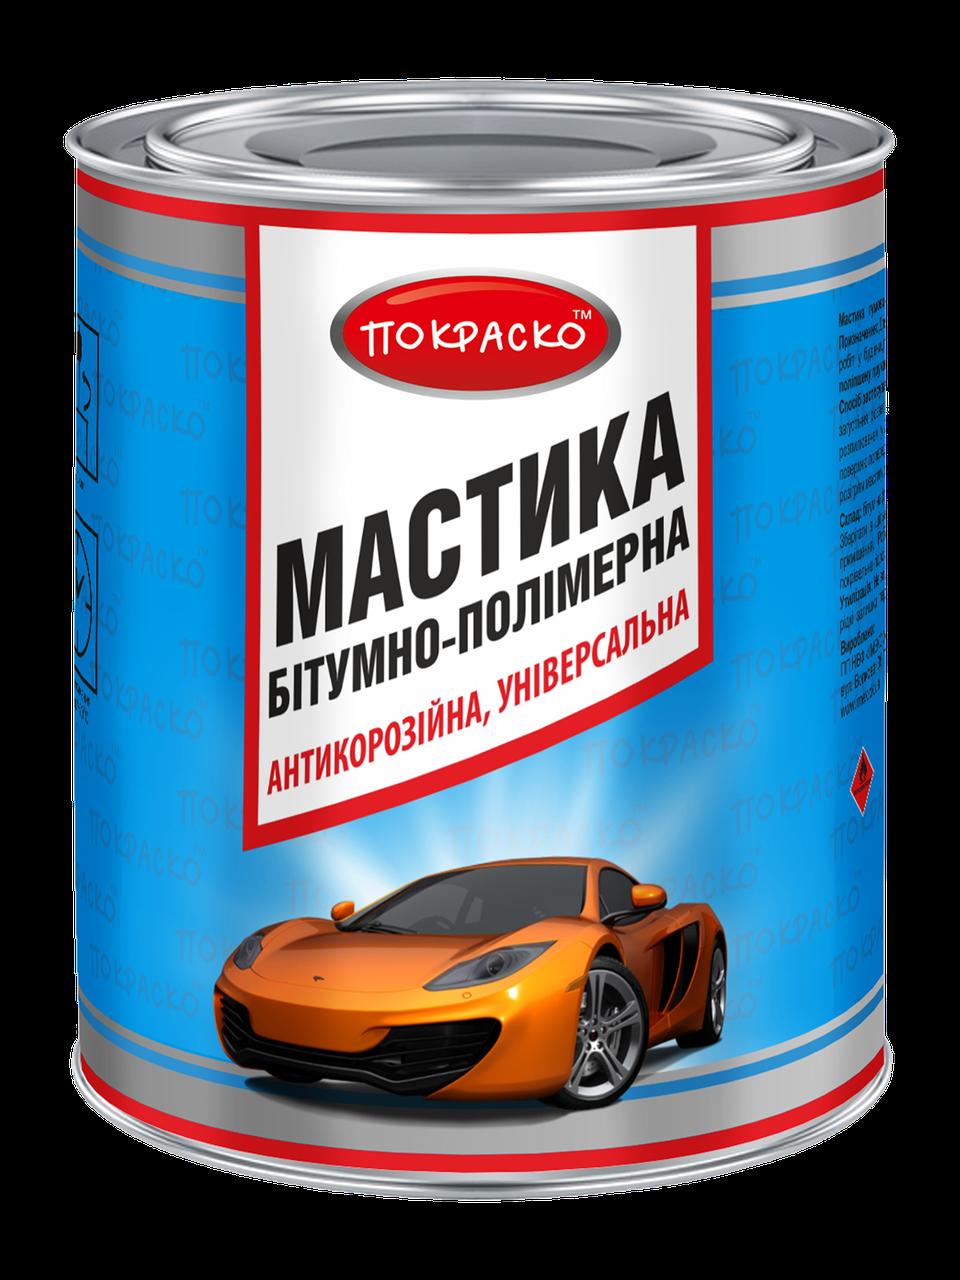 Мастика битумно-полимерная 1л (0,75кг) Покраско